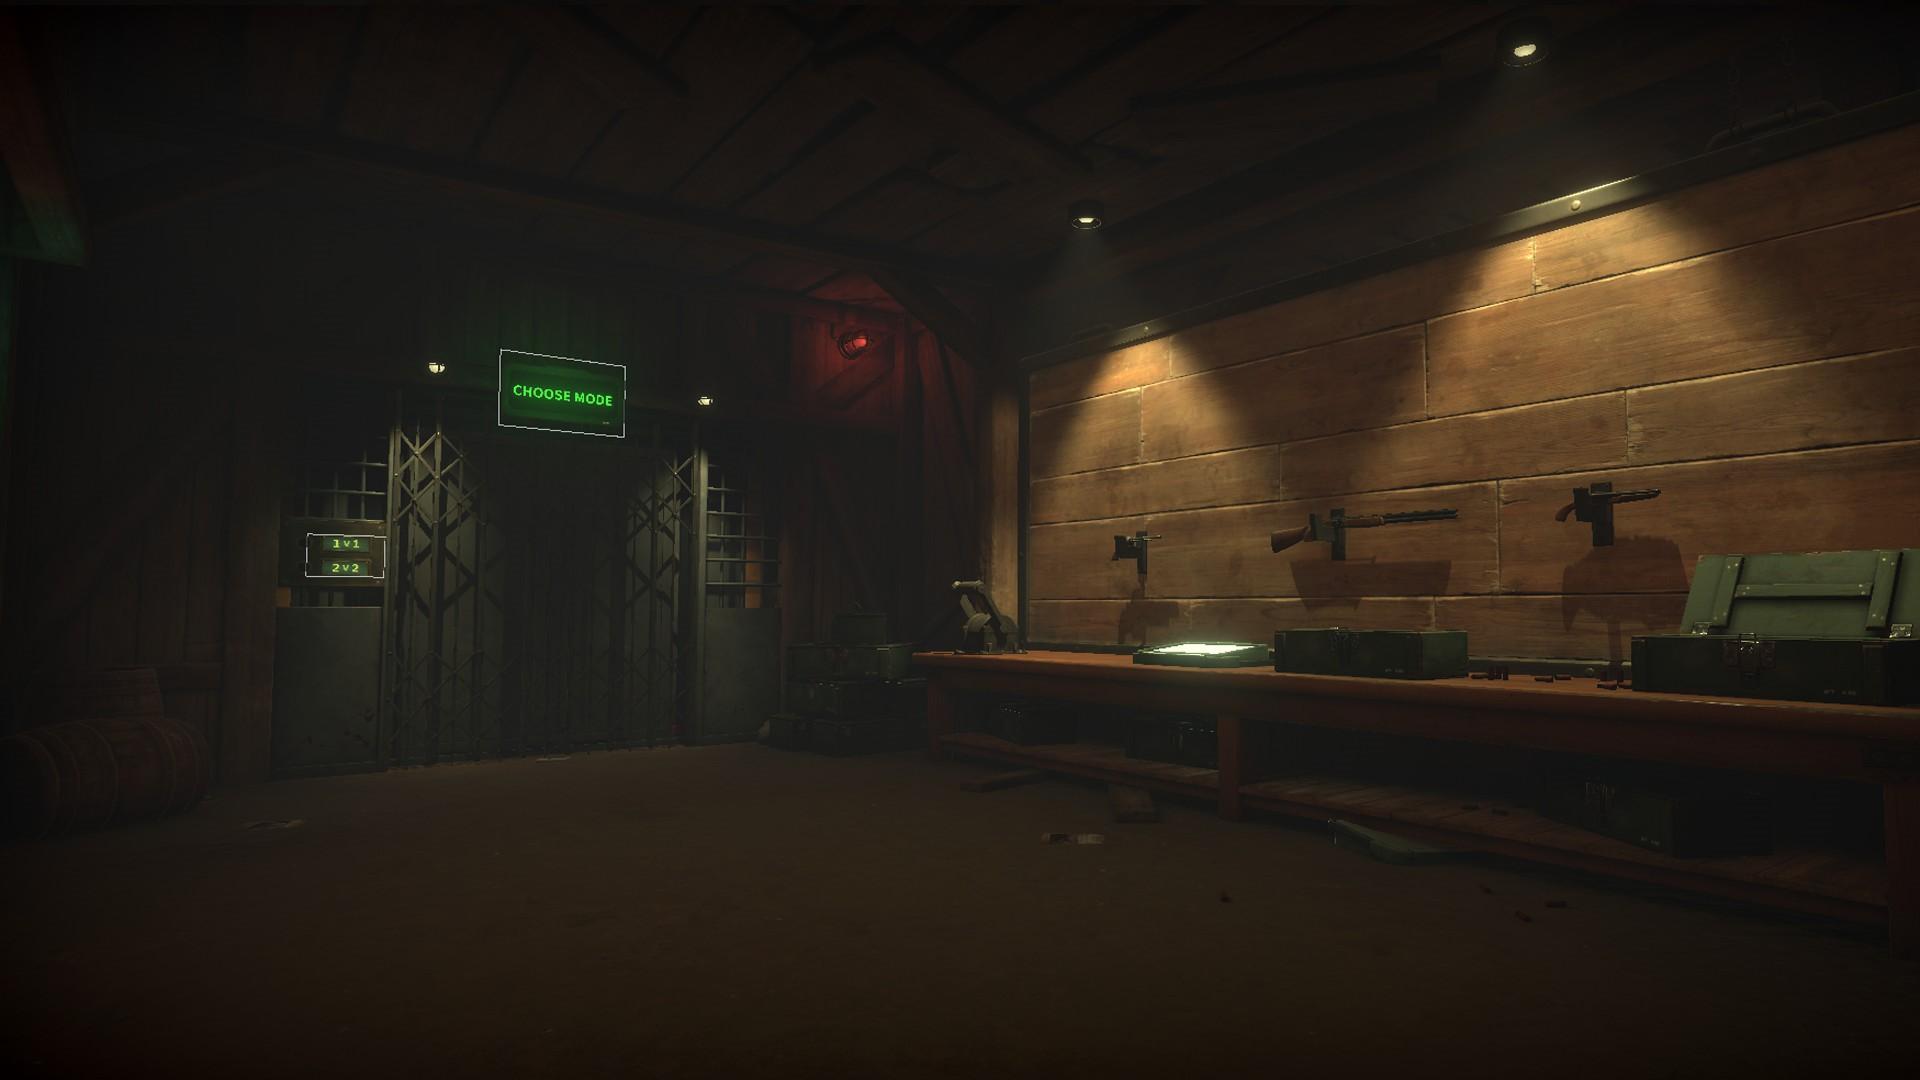 网易最新出VR射击游戏《保持沉默》即将登陆Steam